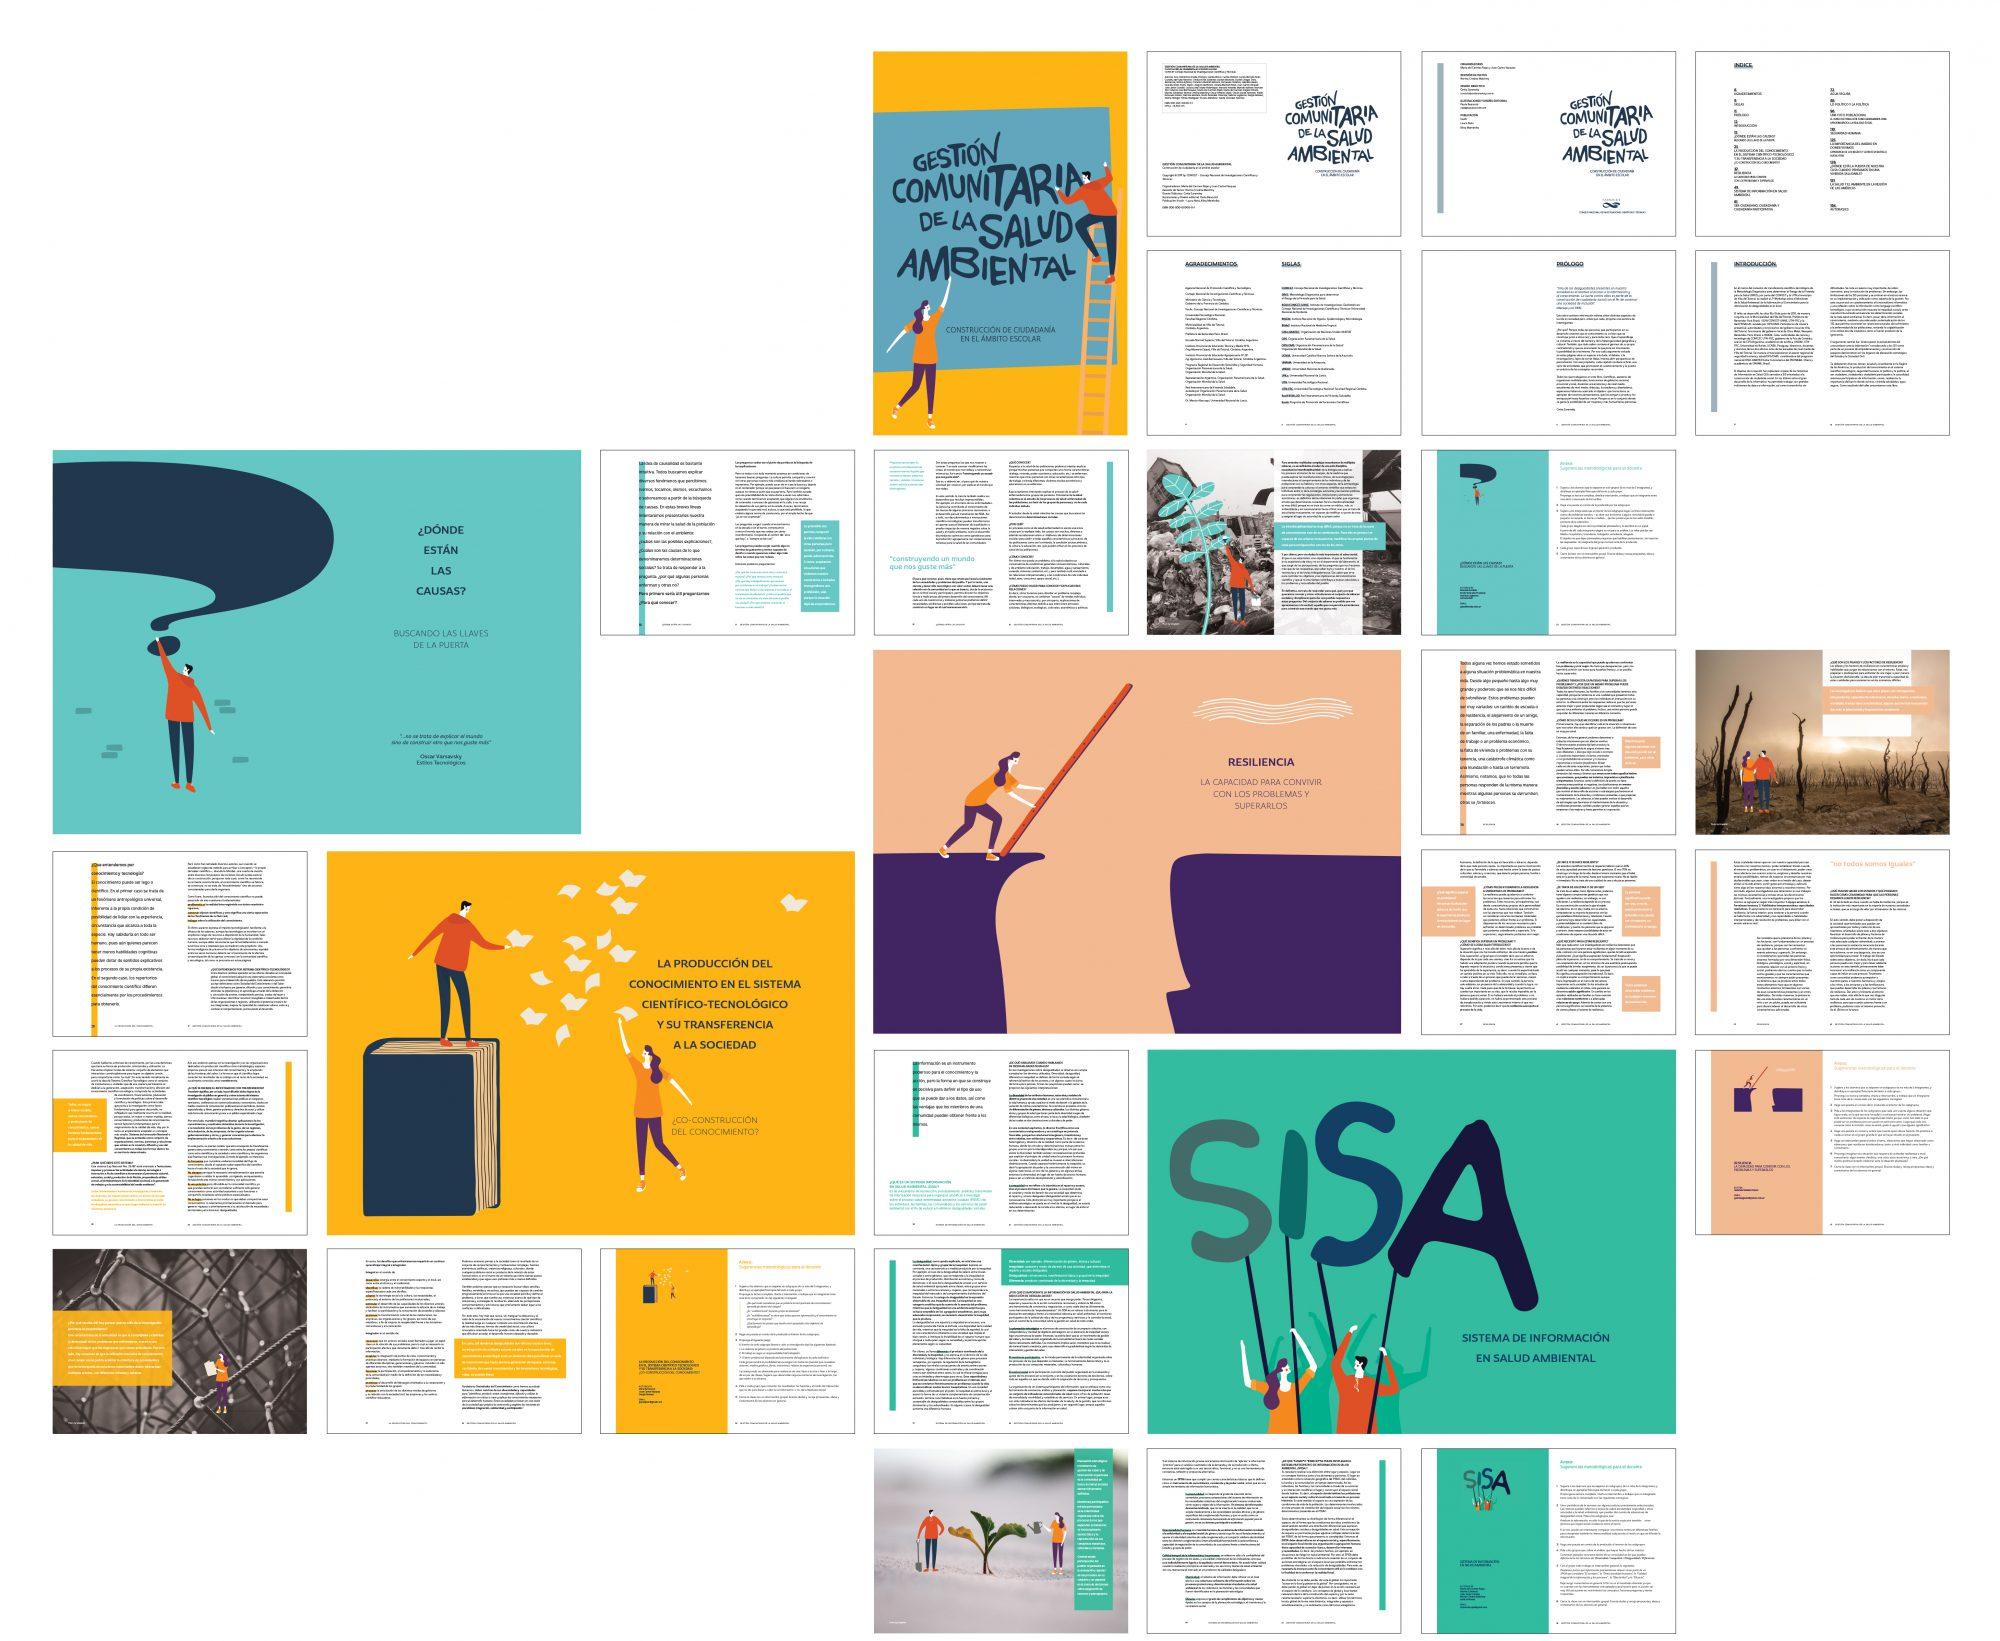 Gestión comunitaria de la salud ambiental thumbnails 1page1